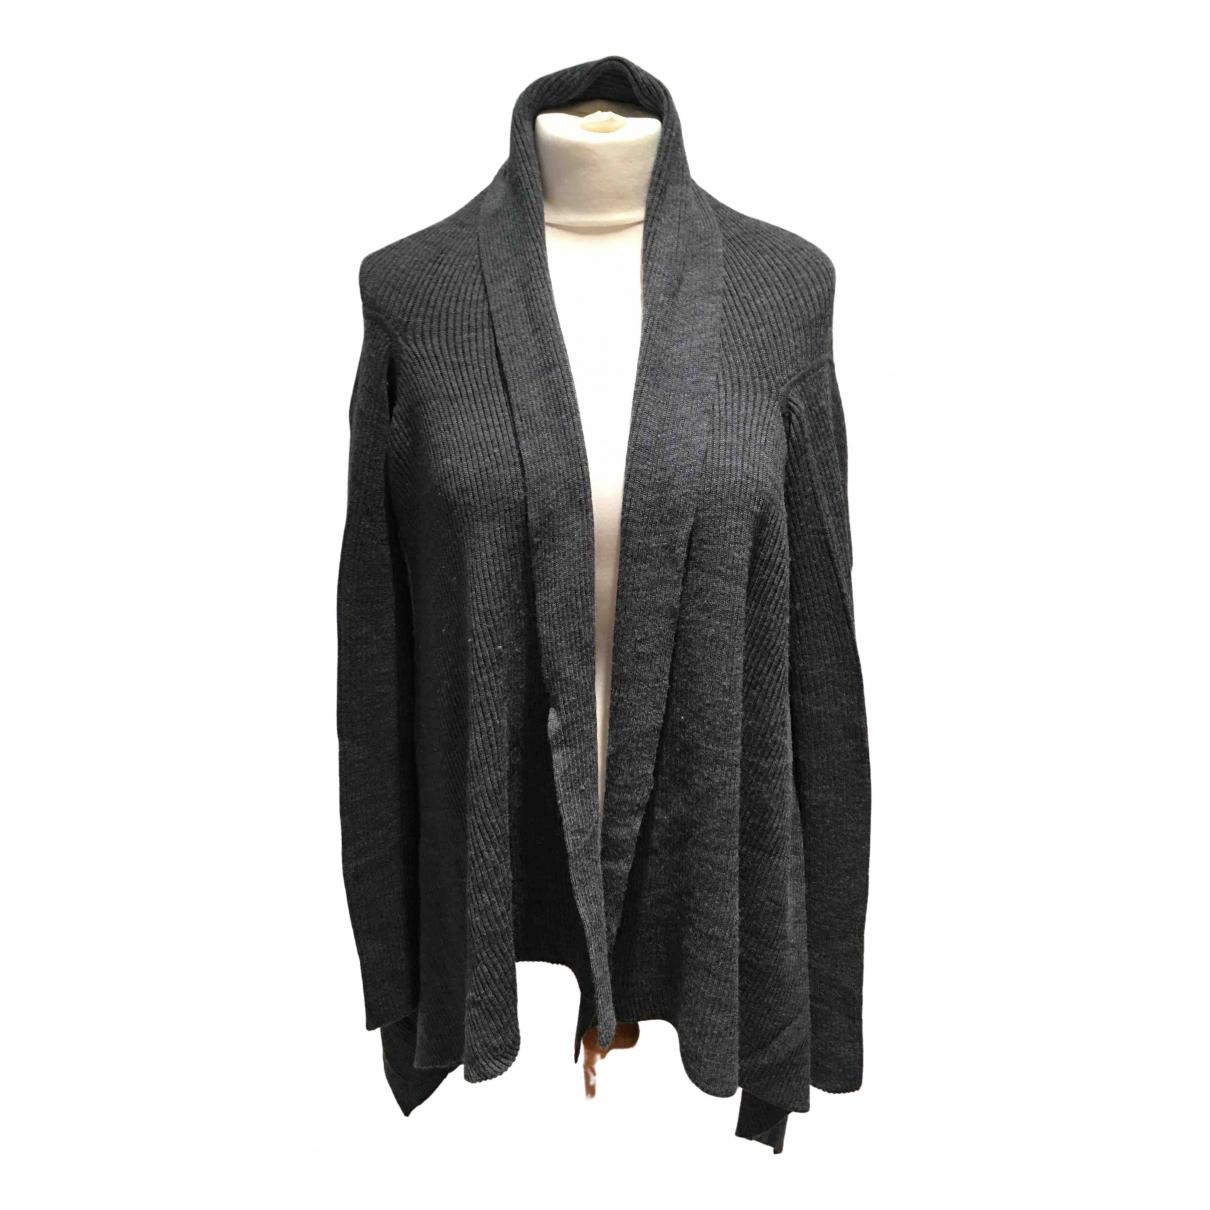 Iris Von Arnim N Green Wool Knitwear for Women M International